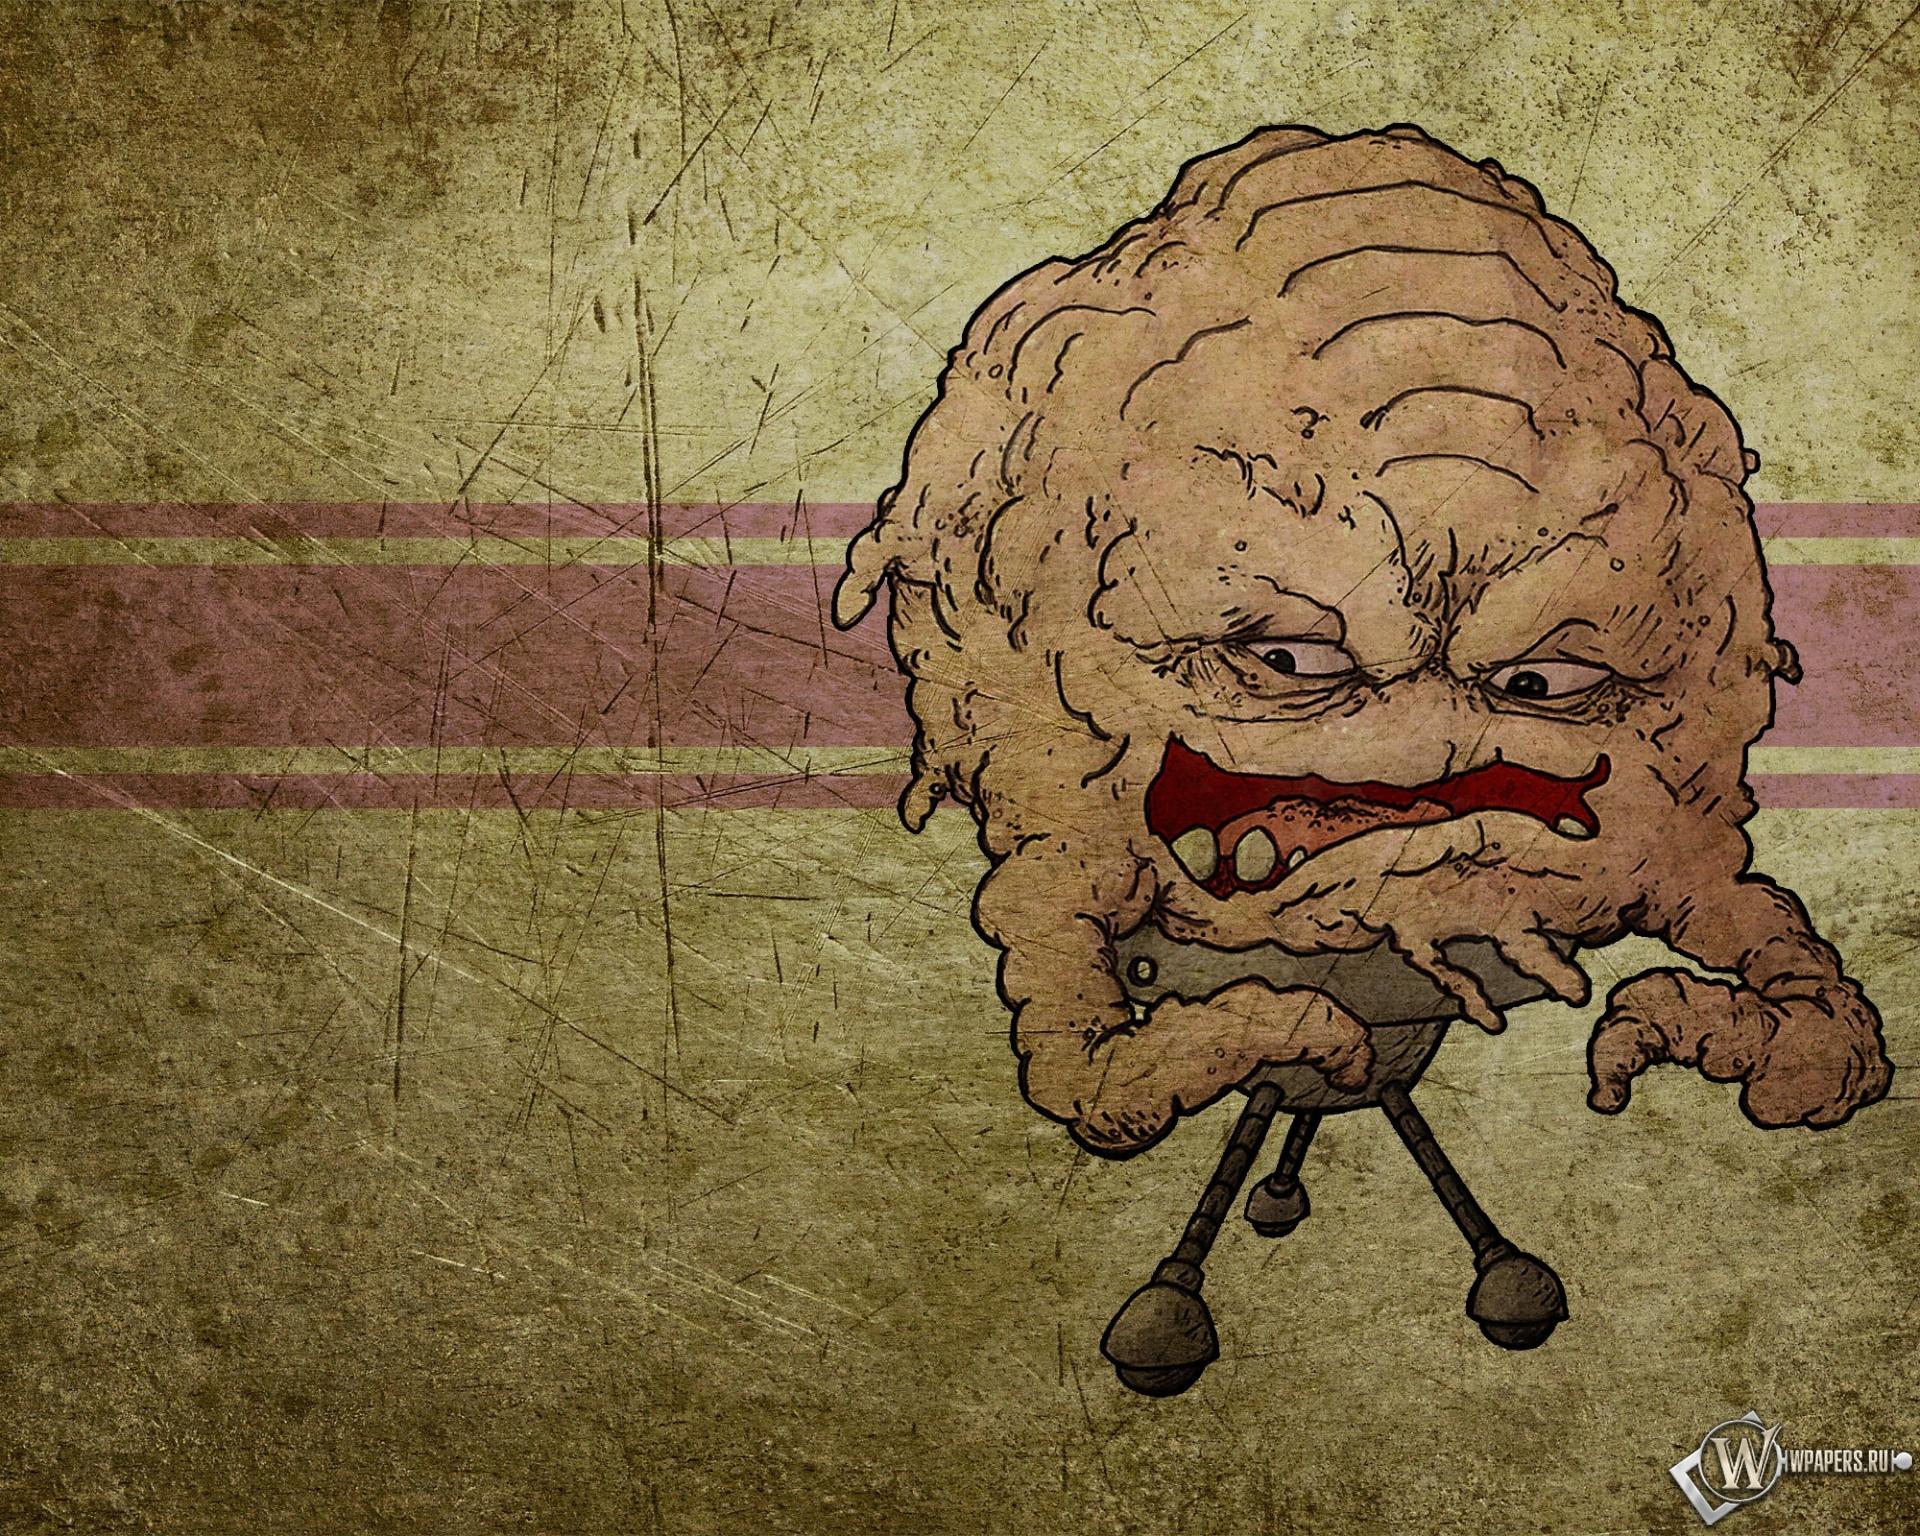 Кранг мультфильм черепашки ниндзя